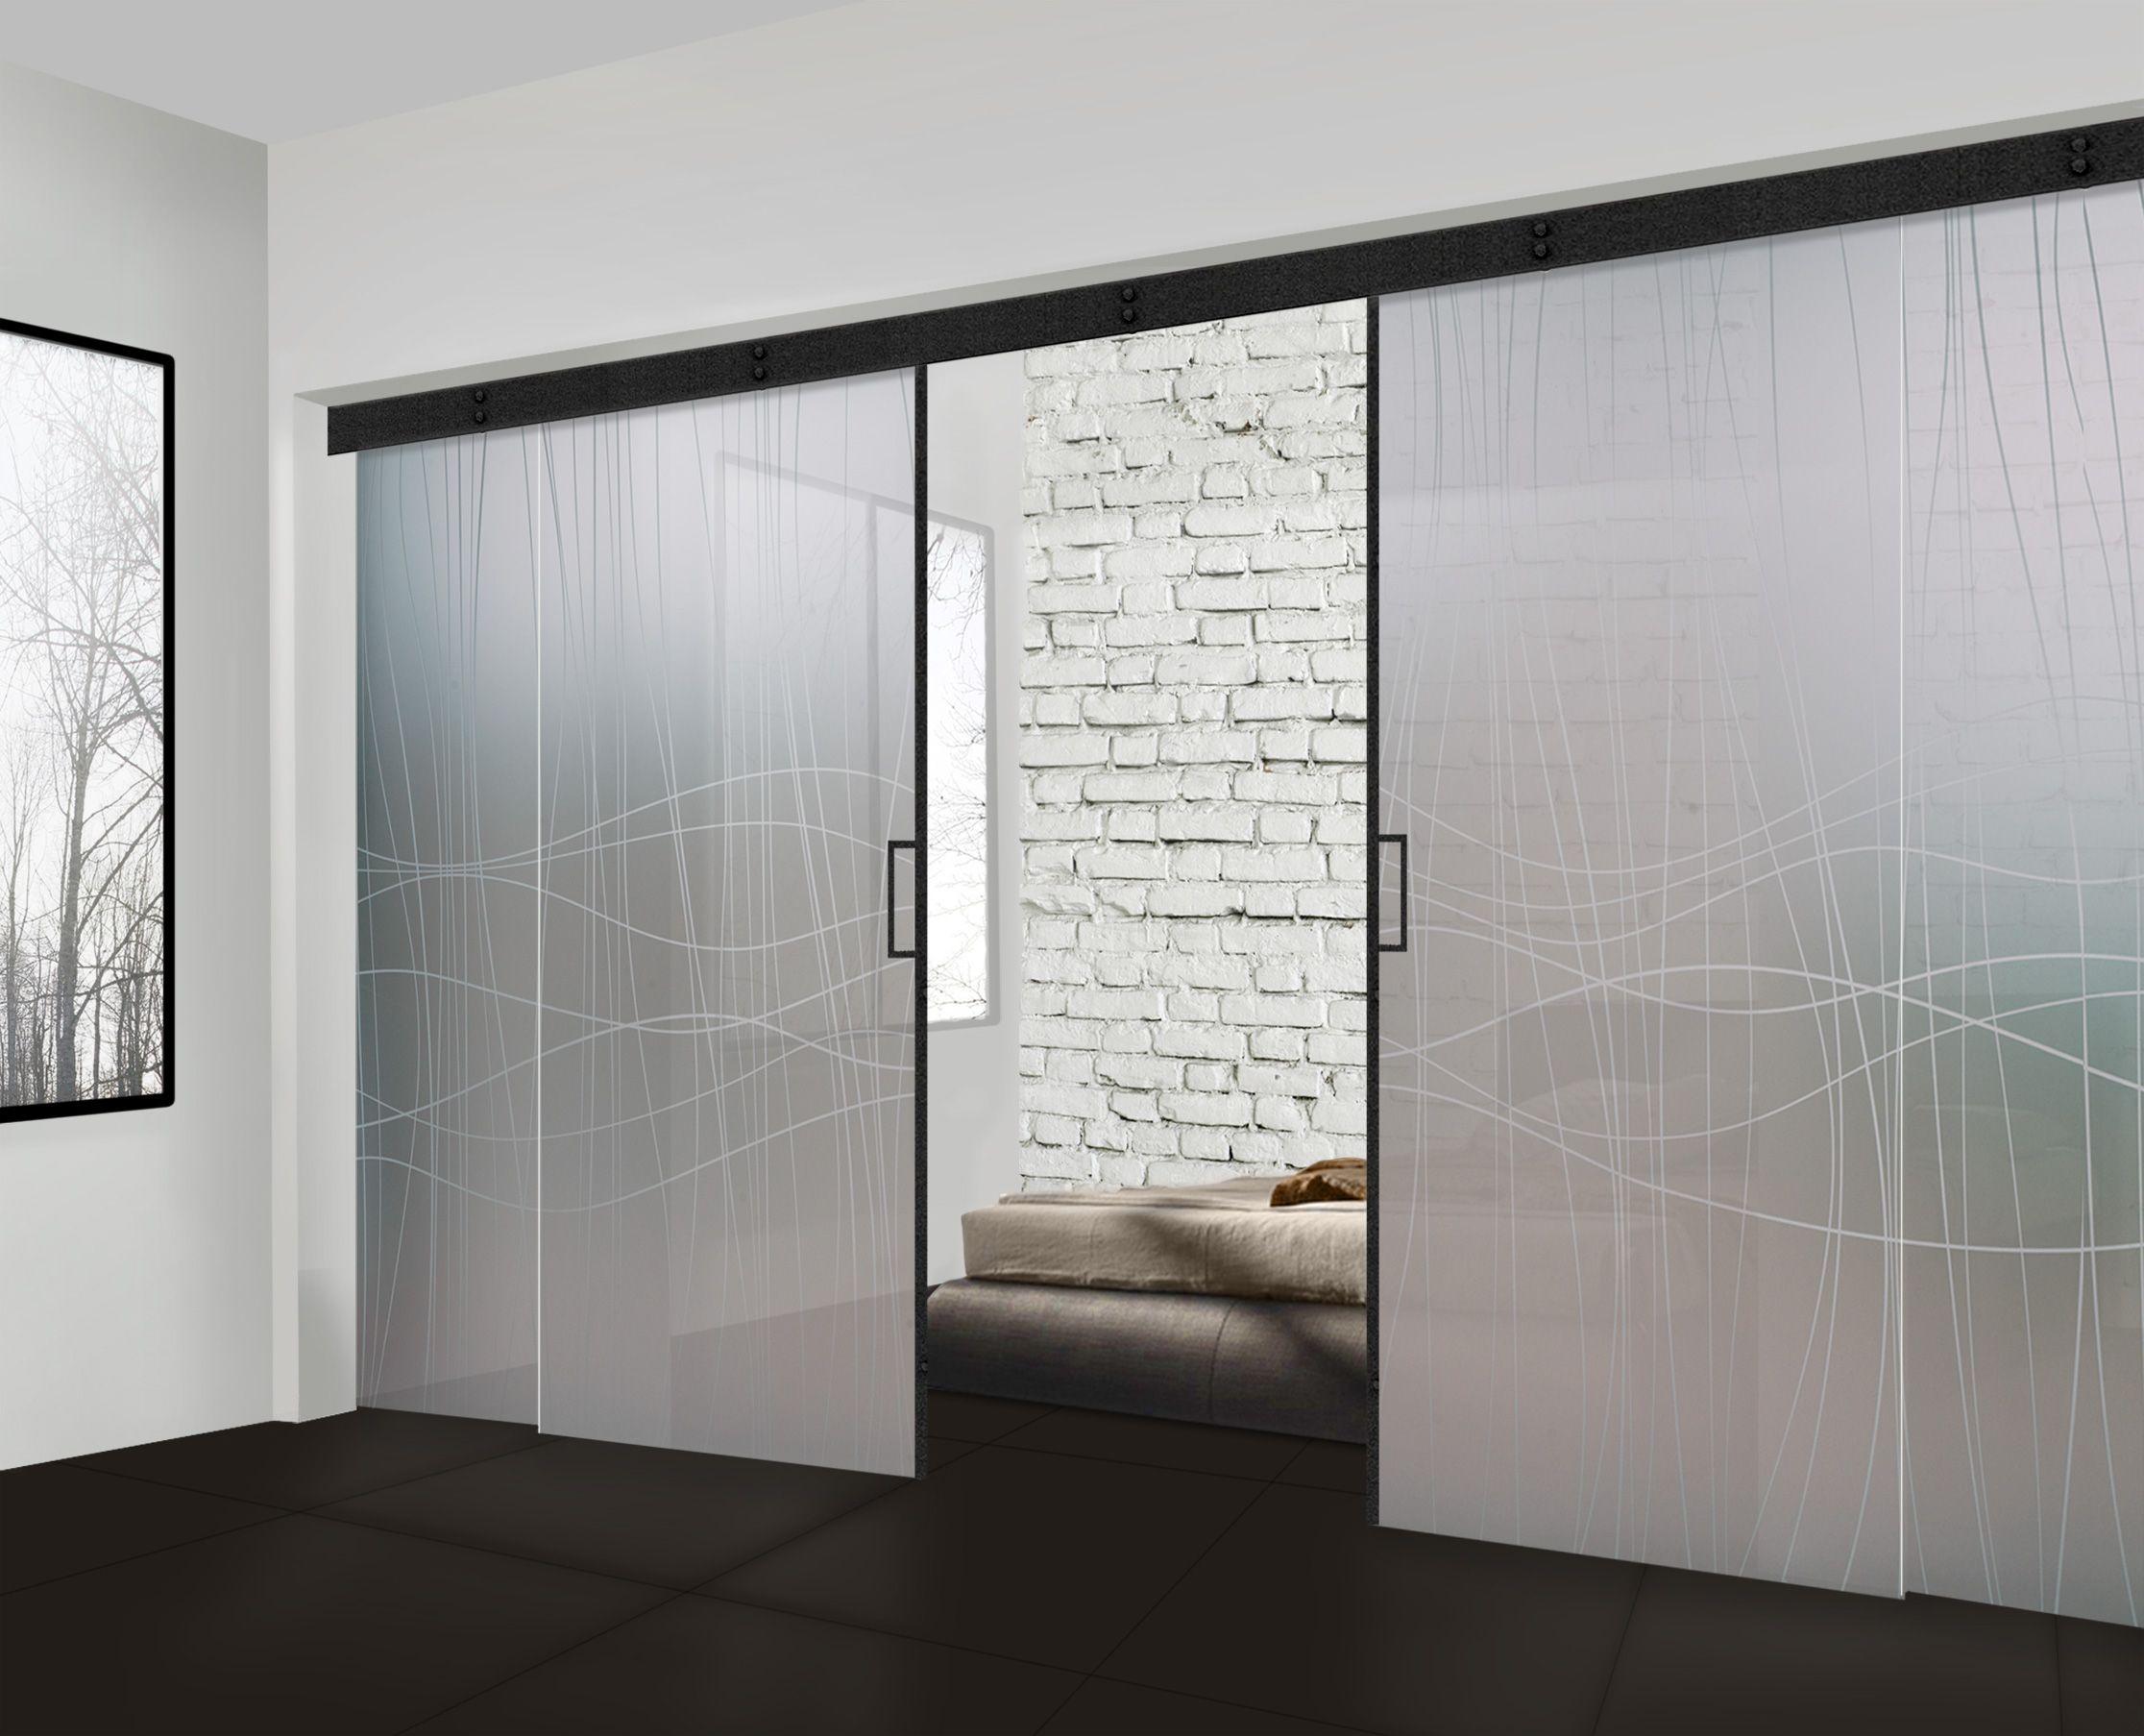 Esencia de vidrieradelcardoner vidrio decorativo for Puertas de vidrio para casas